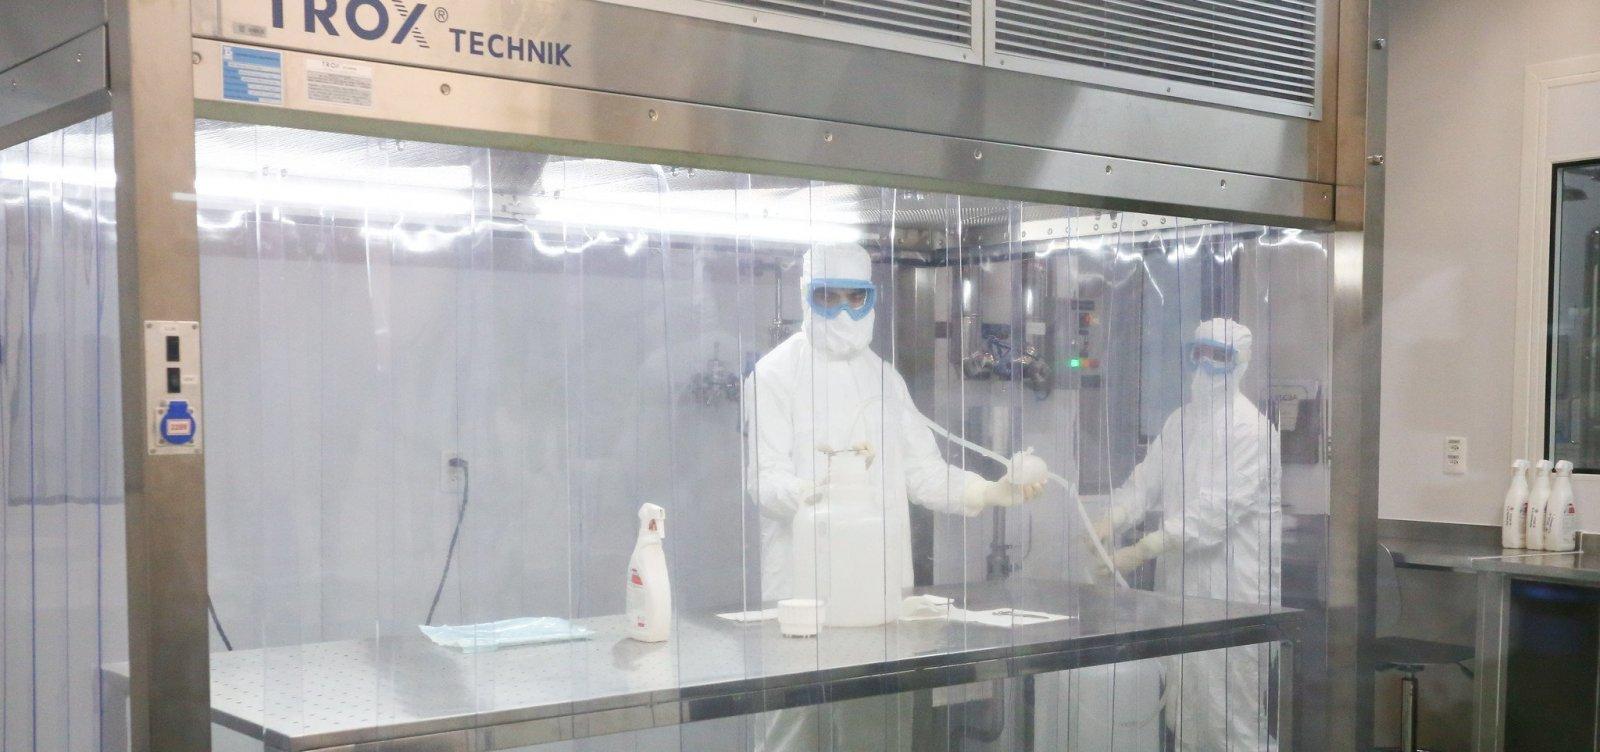 [Vacina para Covid-19 tem 90% de sucesso em testes]